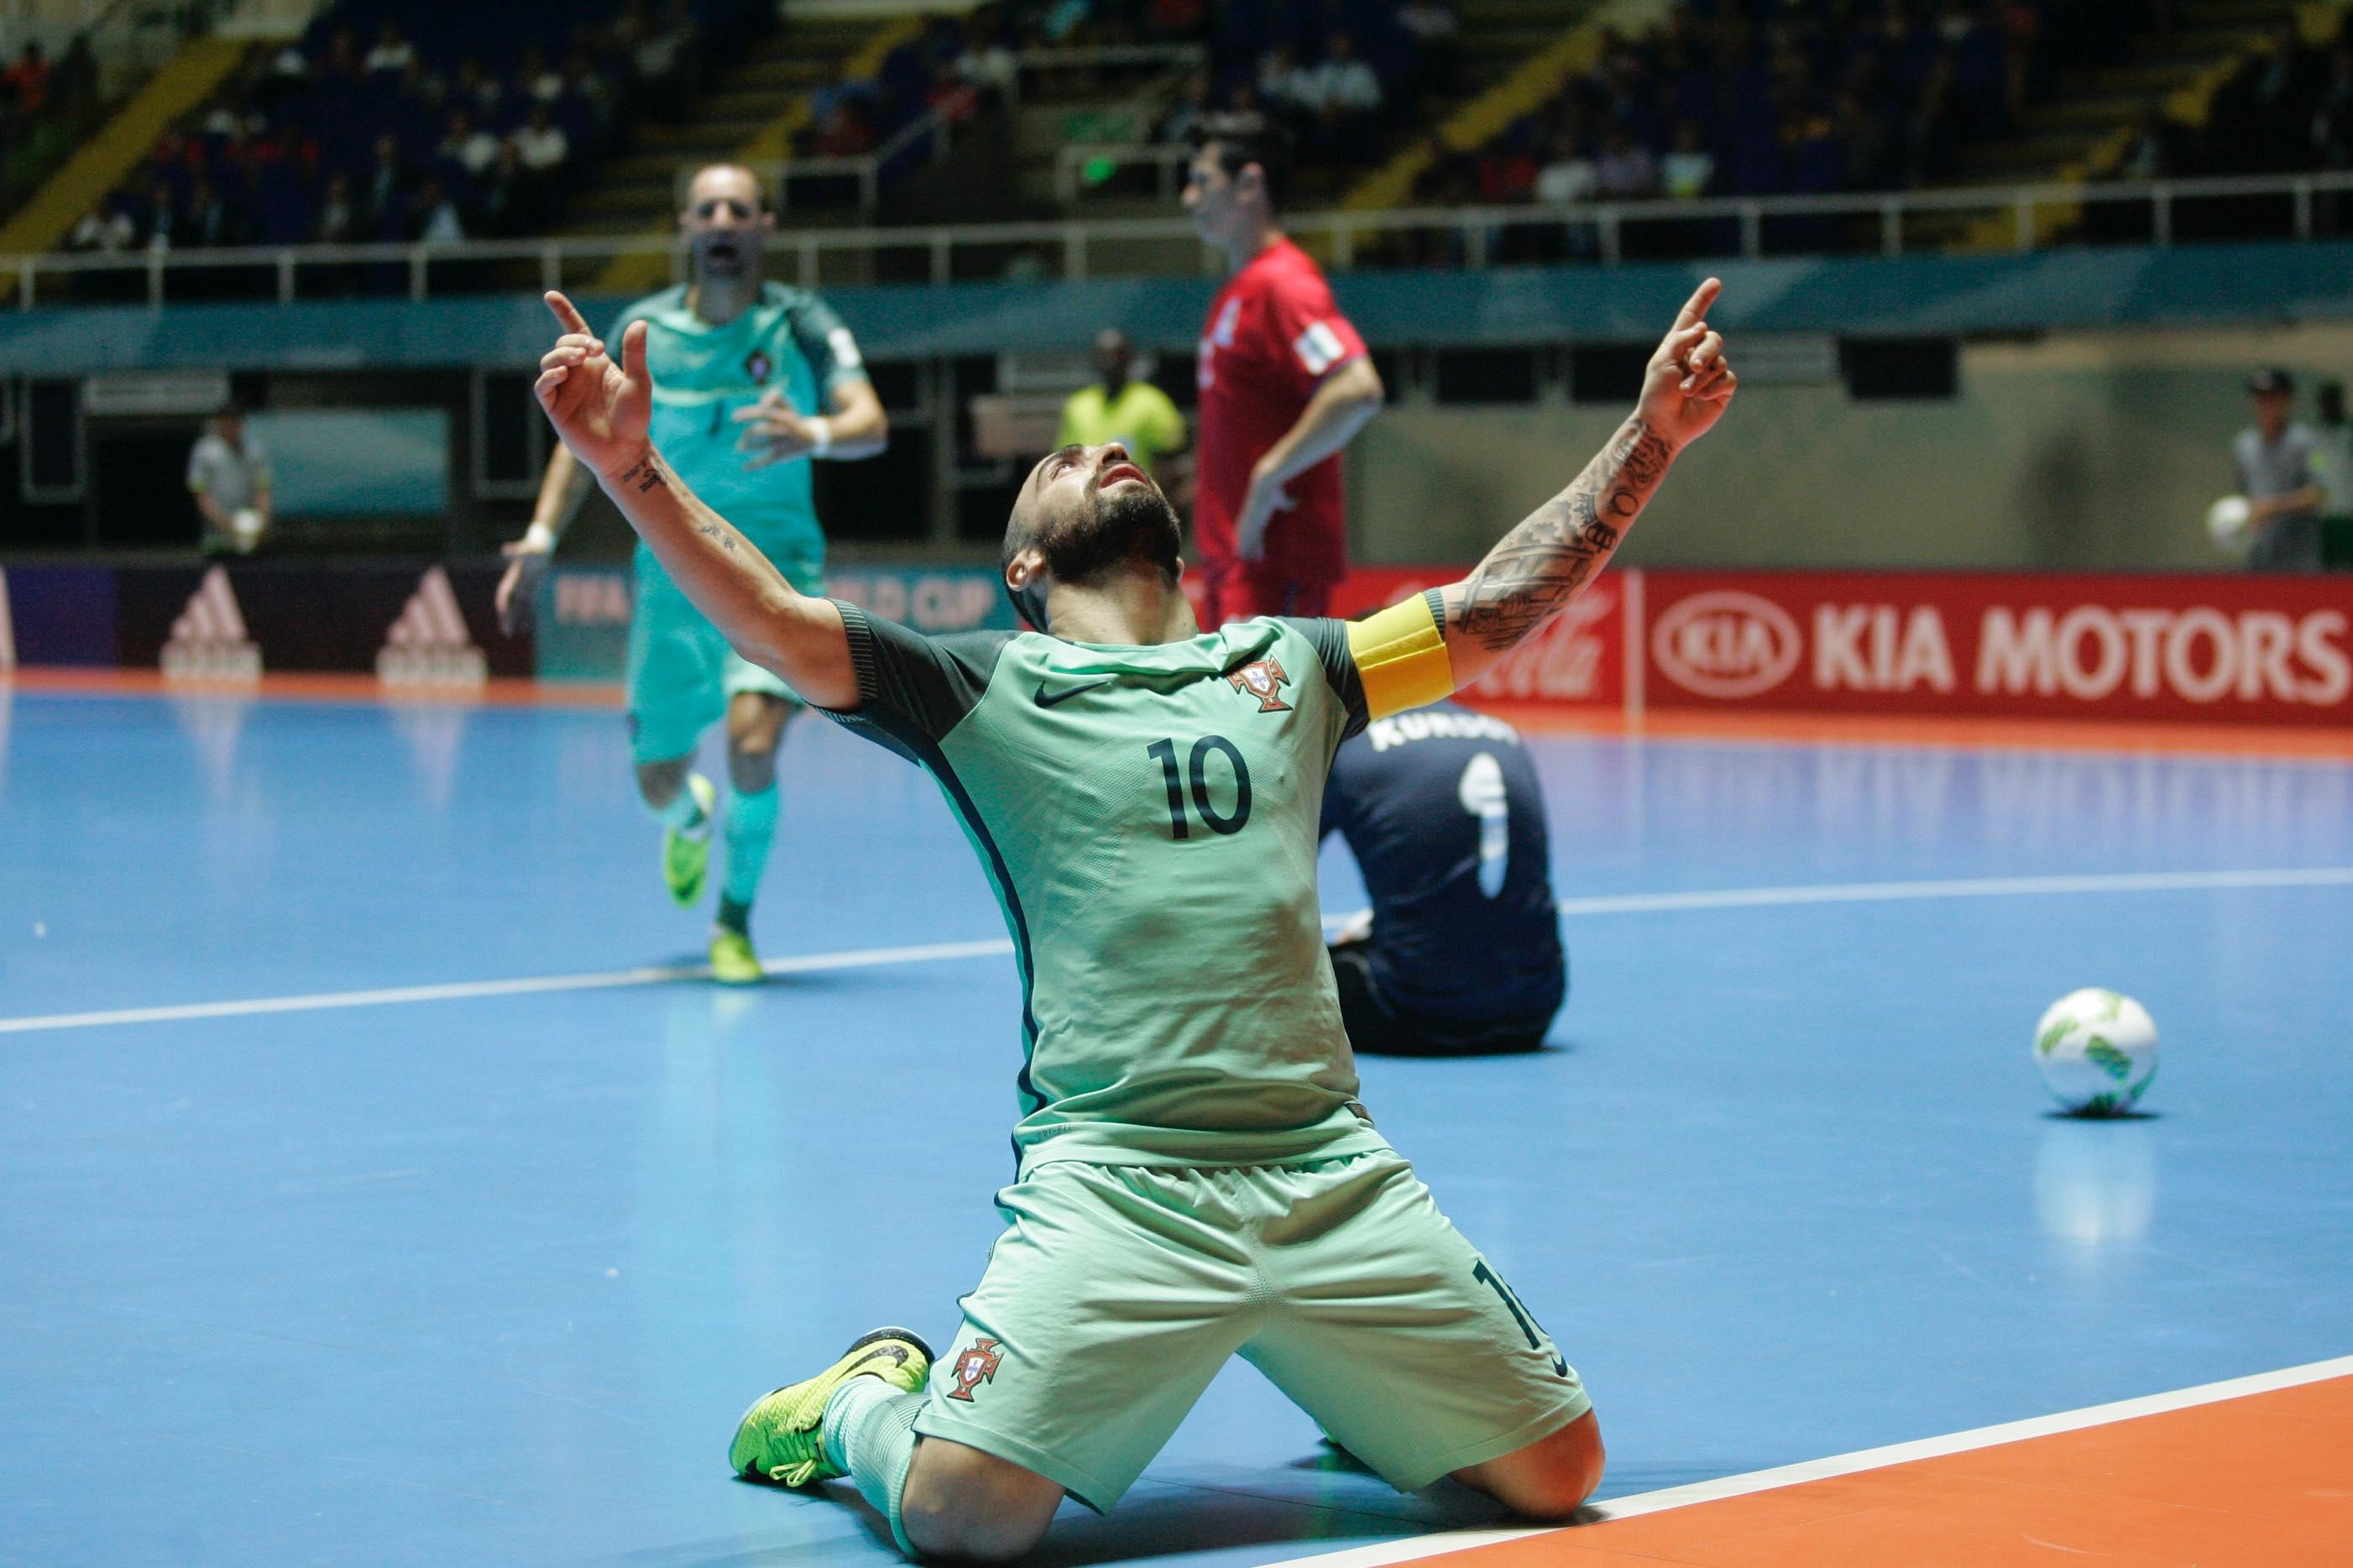 ポルトガル代表をけん引するリカルジーニョ。ポルトガルはリカルジーニョ次第だ。